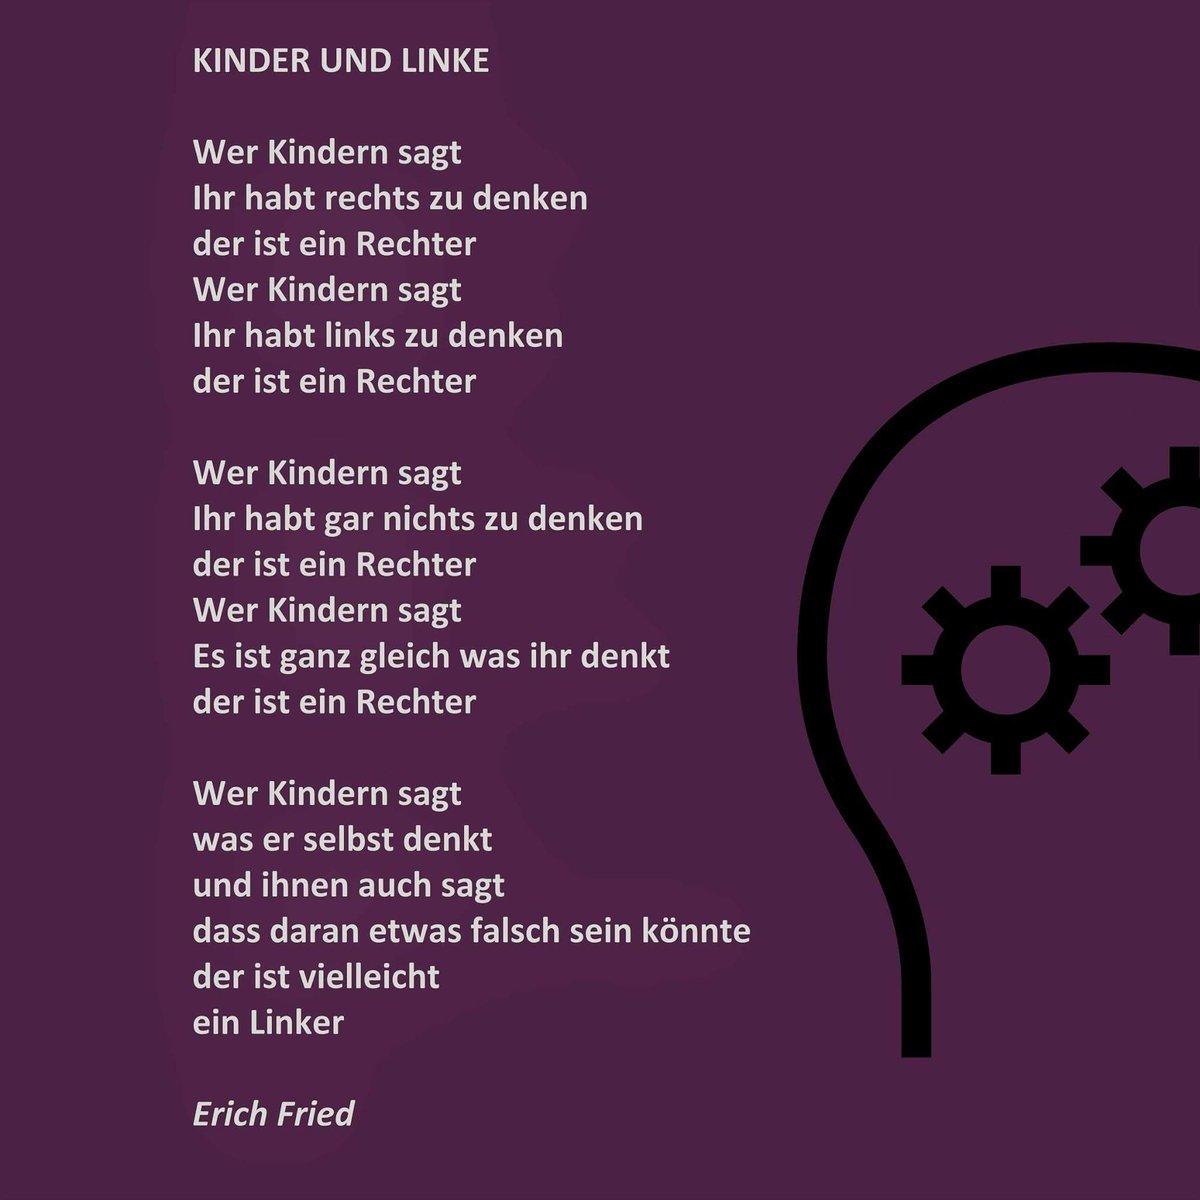 Sagt die fried gedicht liebe erich Erich Fried